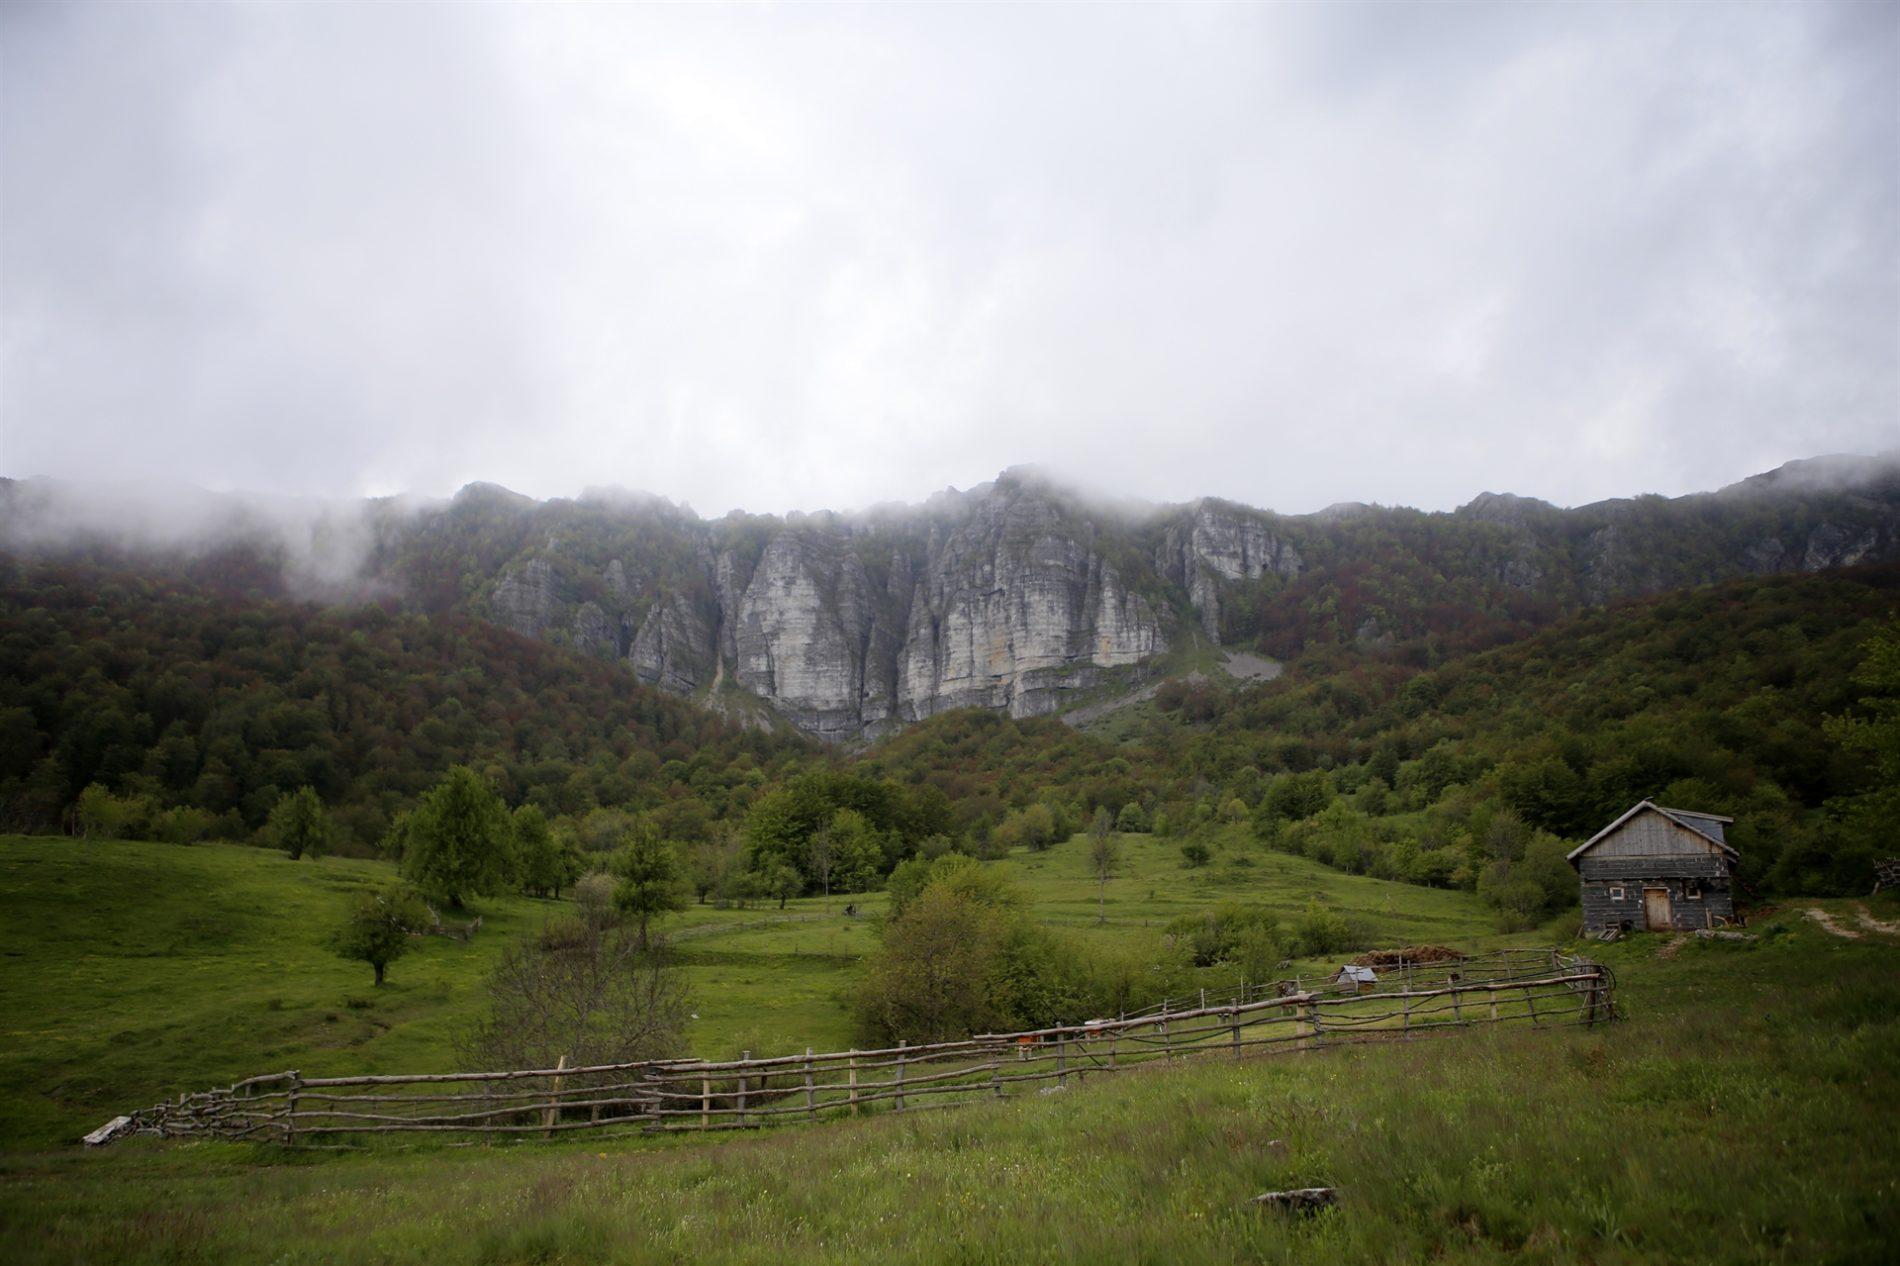 Porodica Vuk: Život na više od hiljadu metara nadmorske visine